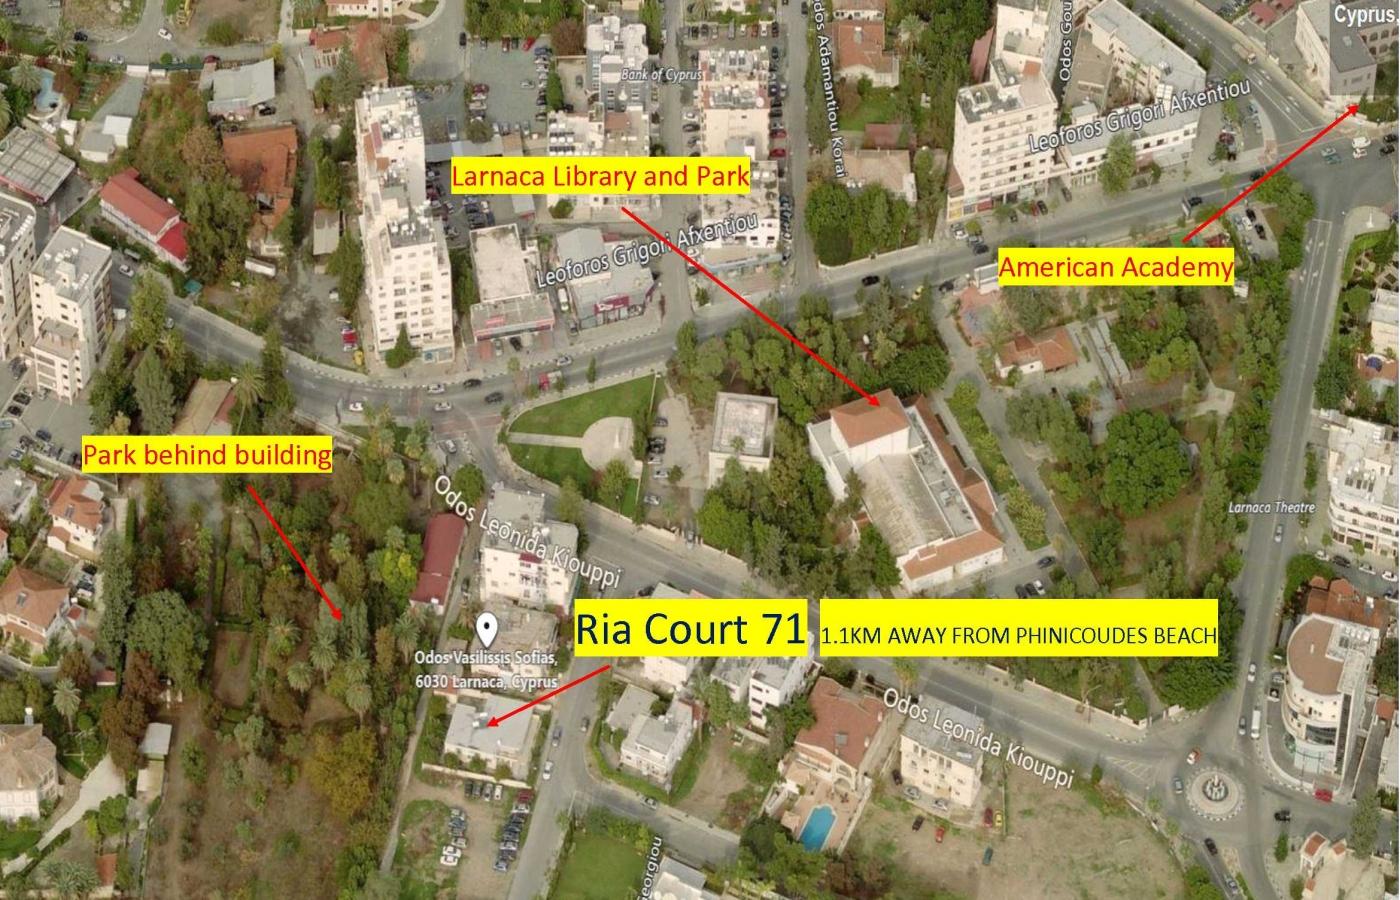 Ria Court 71